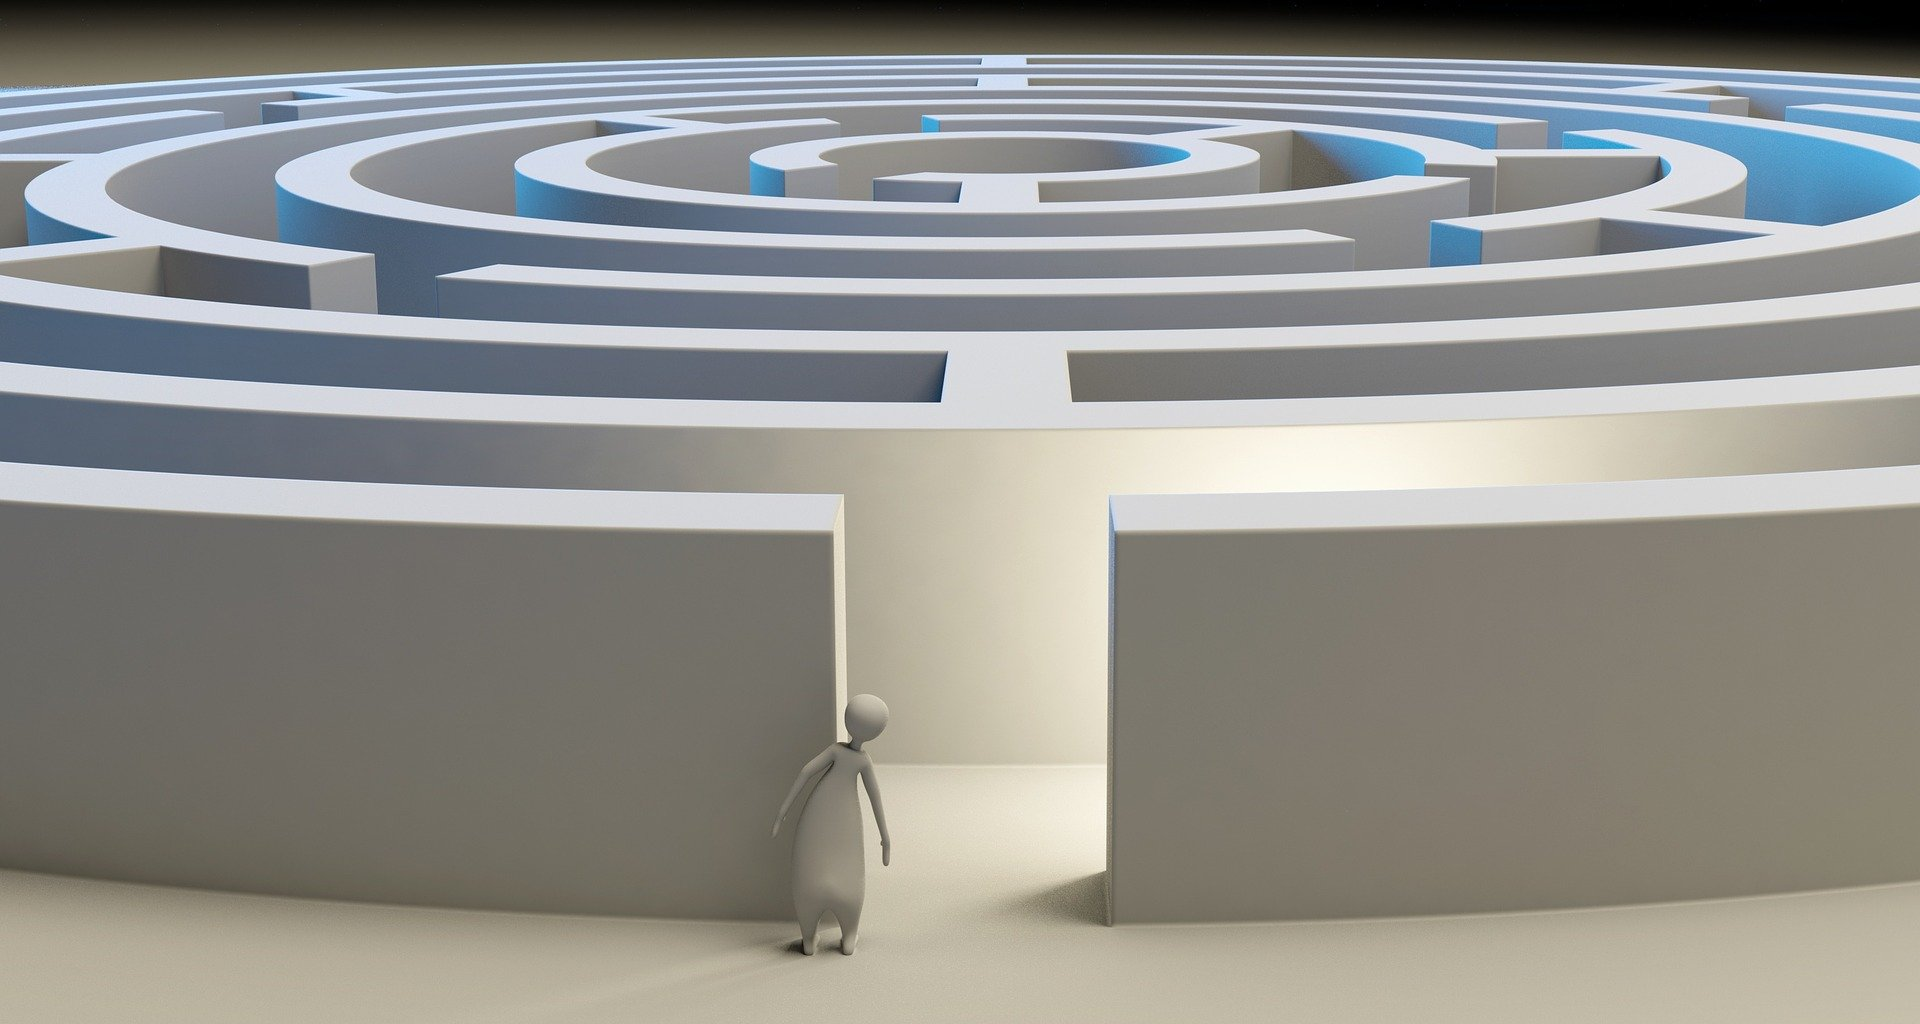 Votre vie sera un labyrinthe si vous ne voyez pas le labyrinthe…